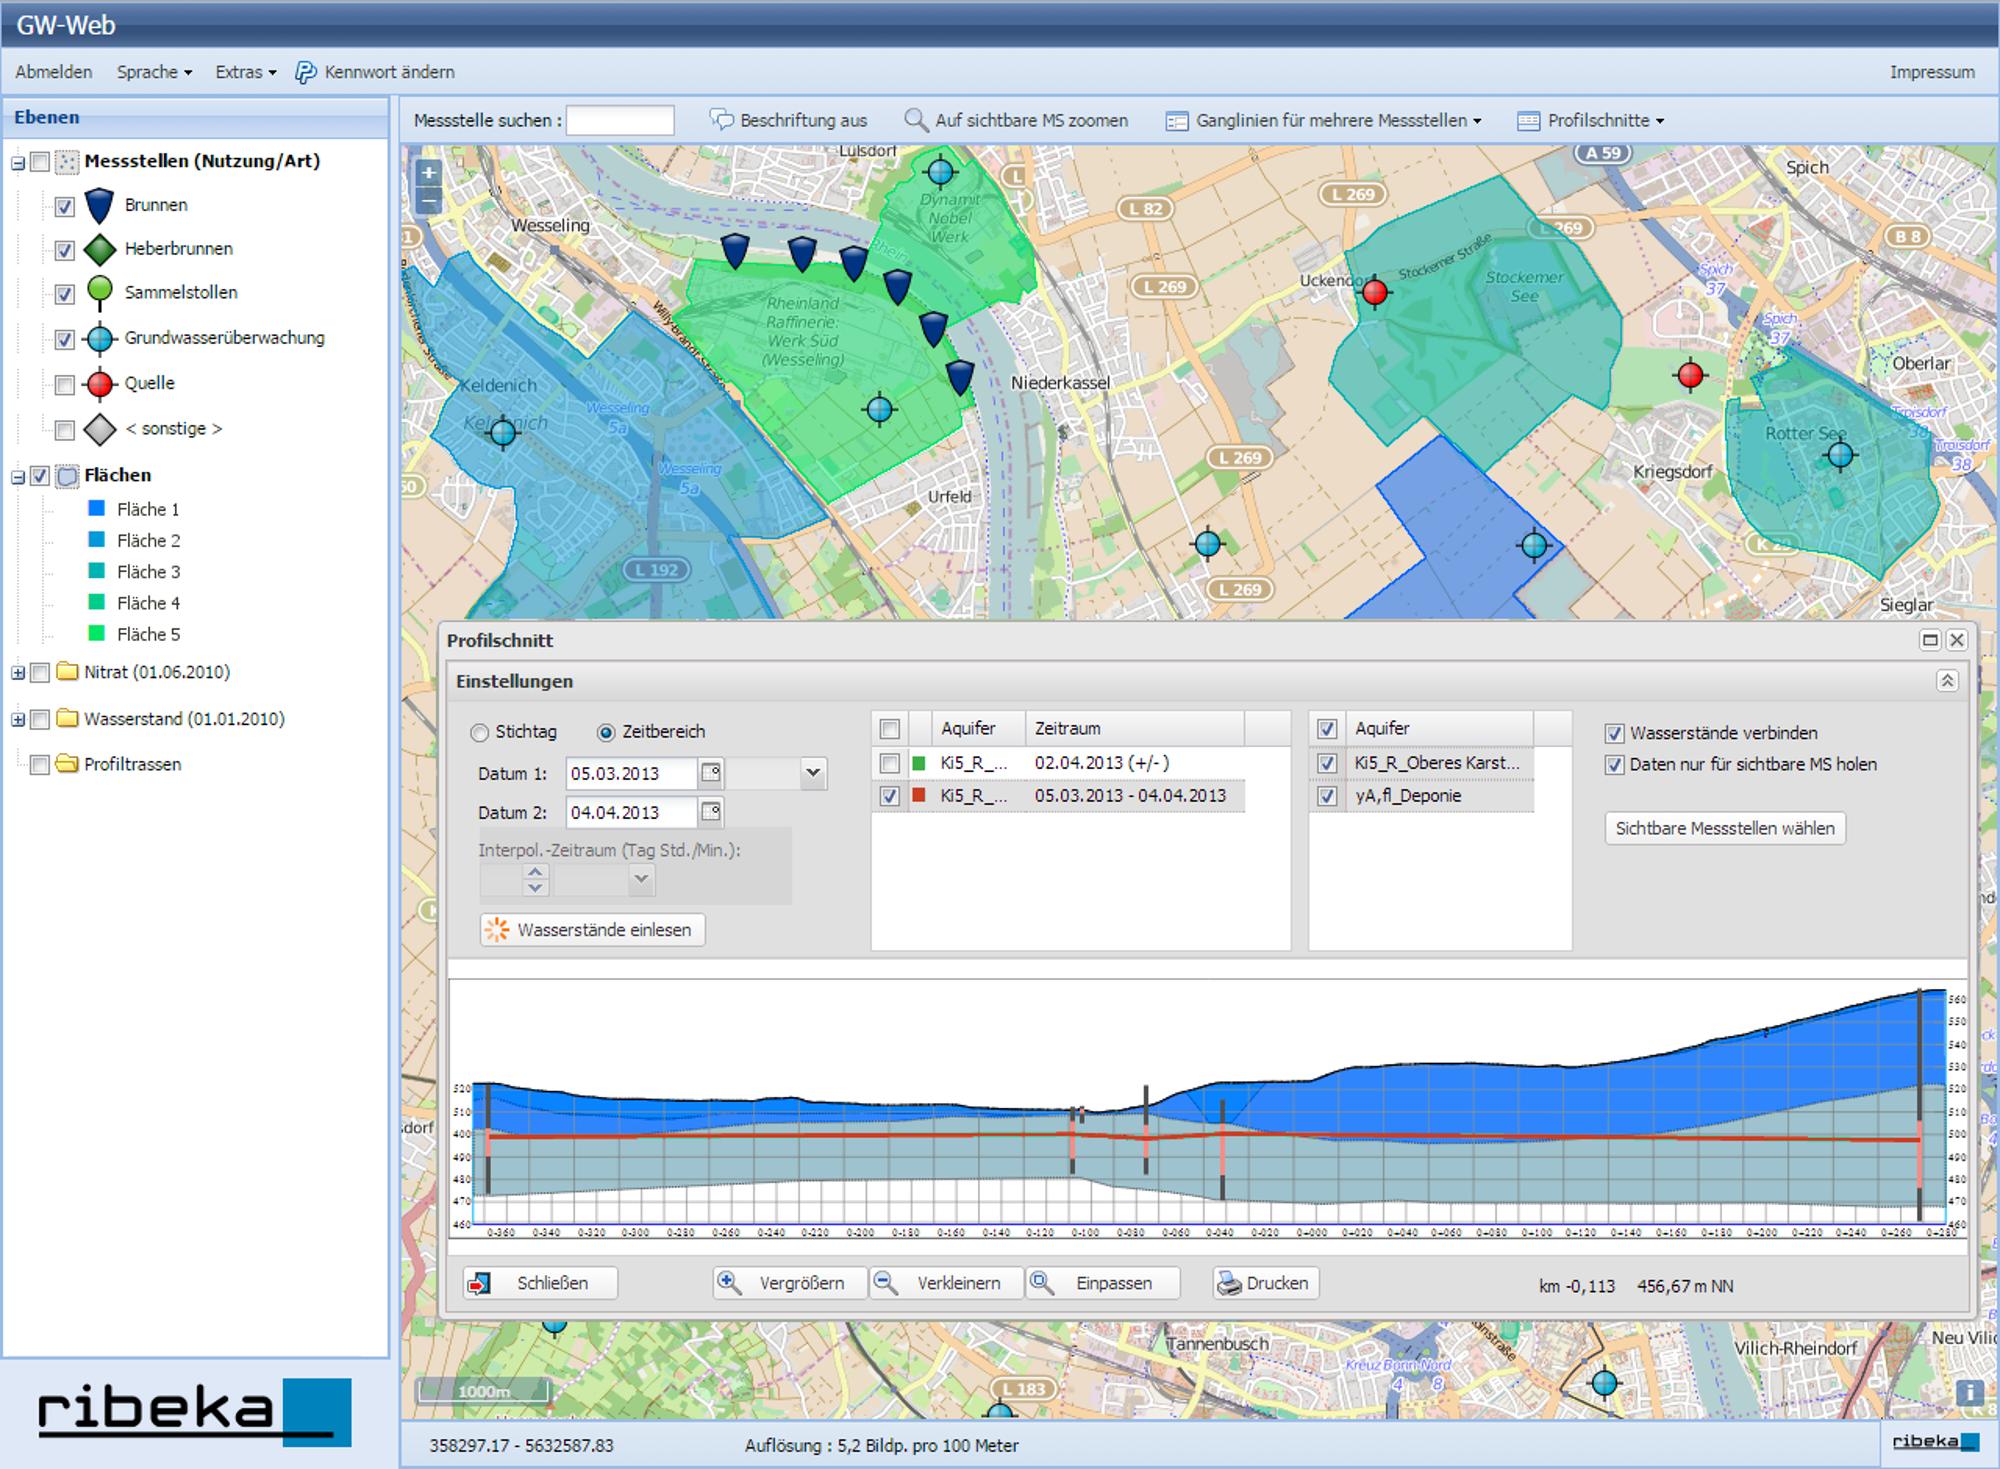 Abbildung 3: GW-Web – Kartendarstellung mit Messstellen, Flächen, Messwerten und Profilschnitten